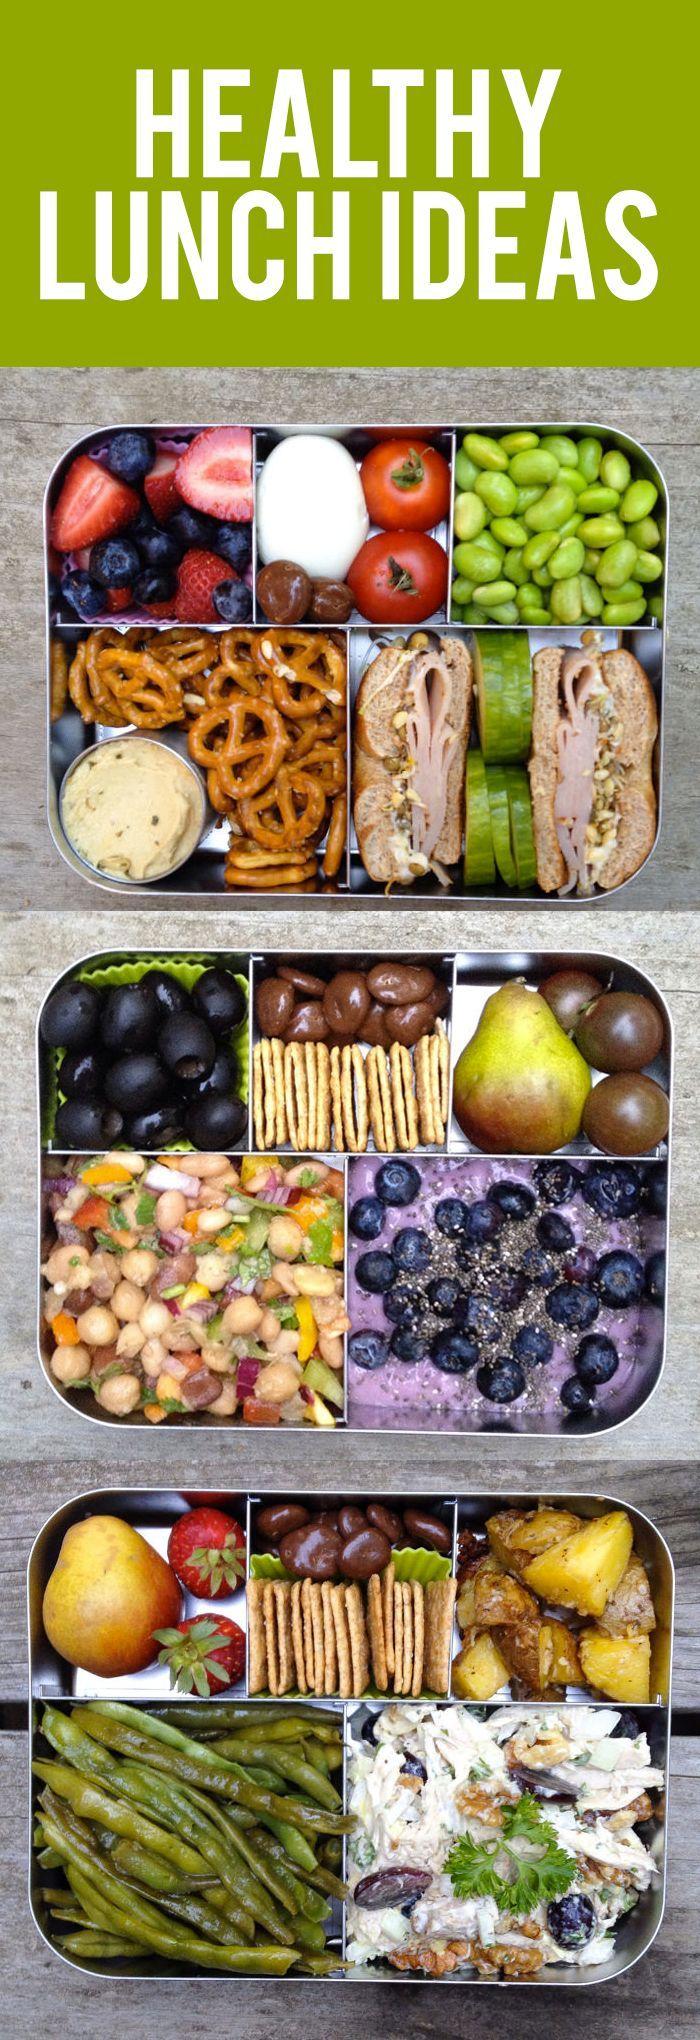 Gute Ideen zum Lunch. Easy to go